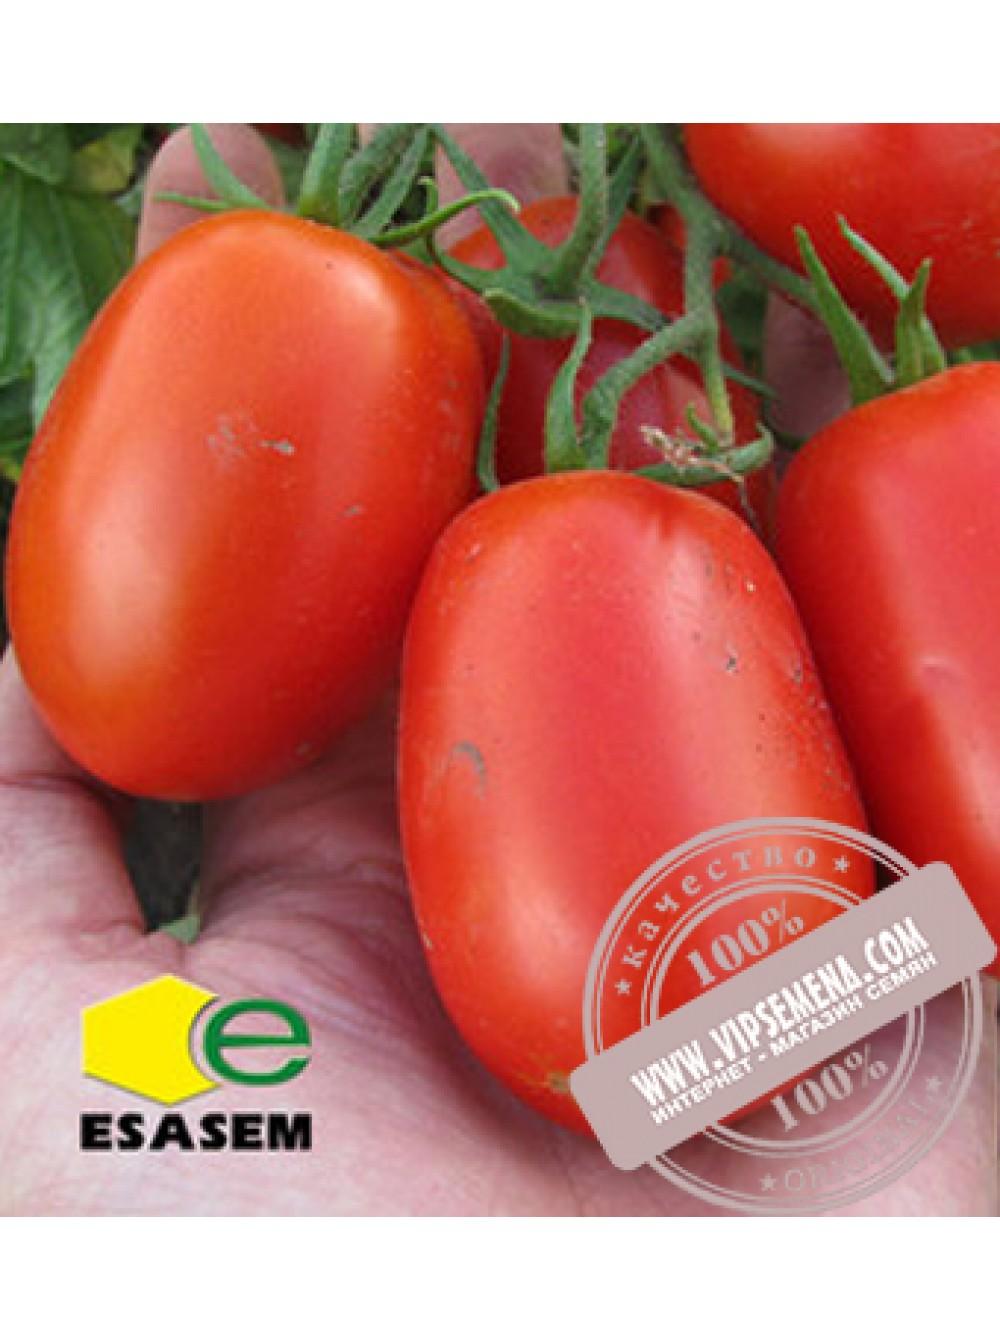 """Томат """"петруша огородник"""": характеристика и описание сорта помидор, фото, выращивание, созревание и уход русский фермер"""